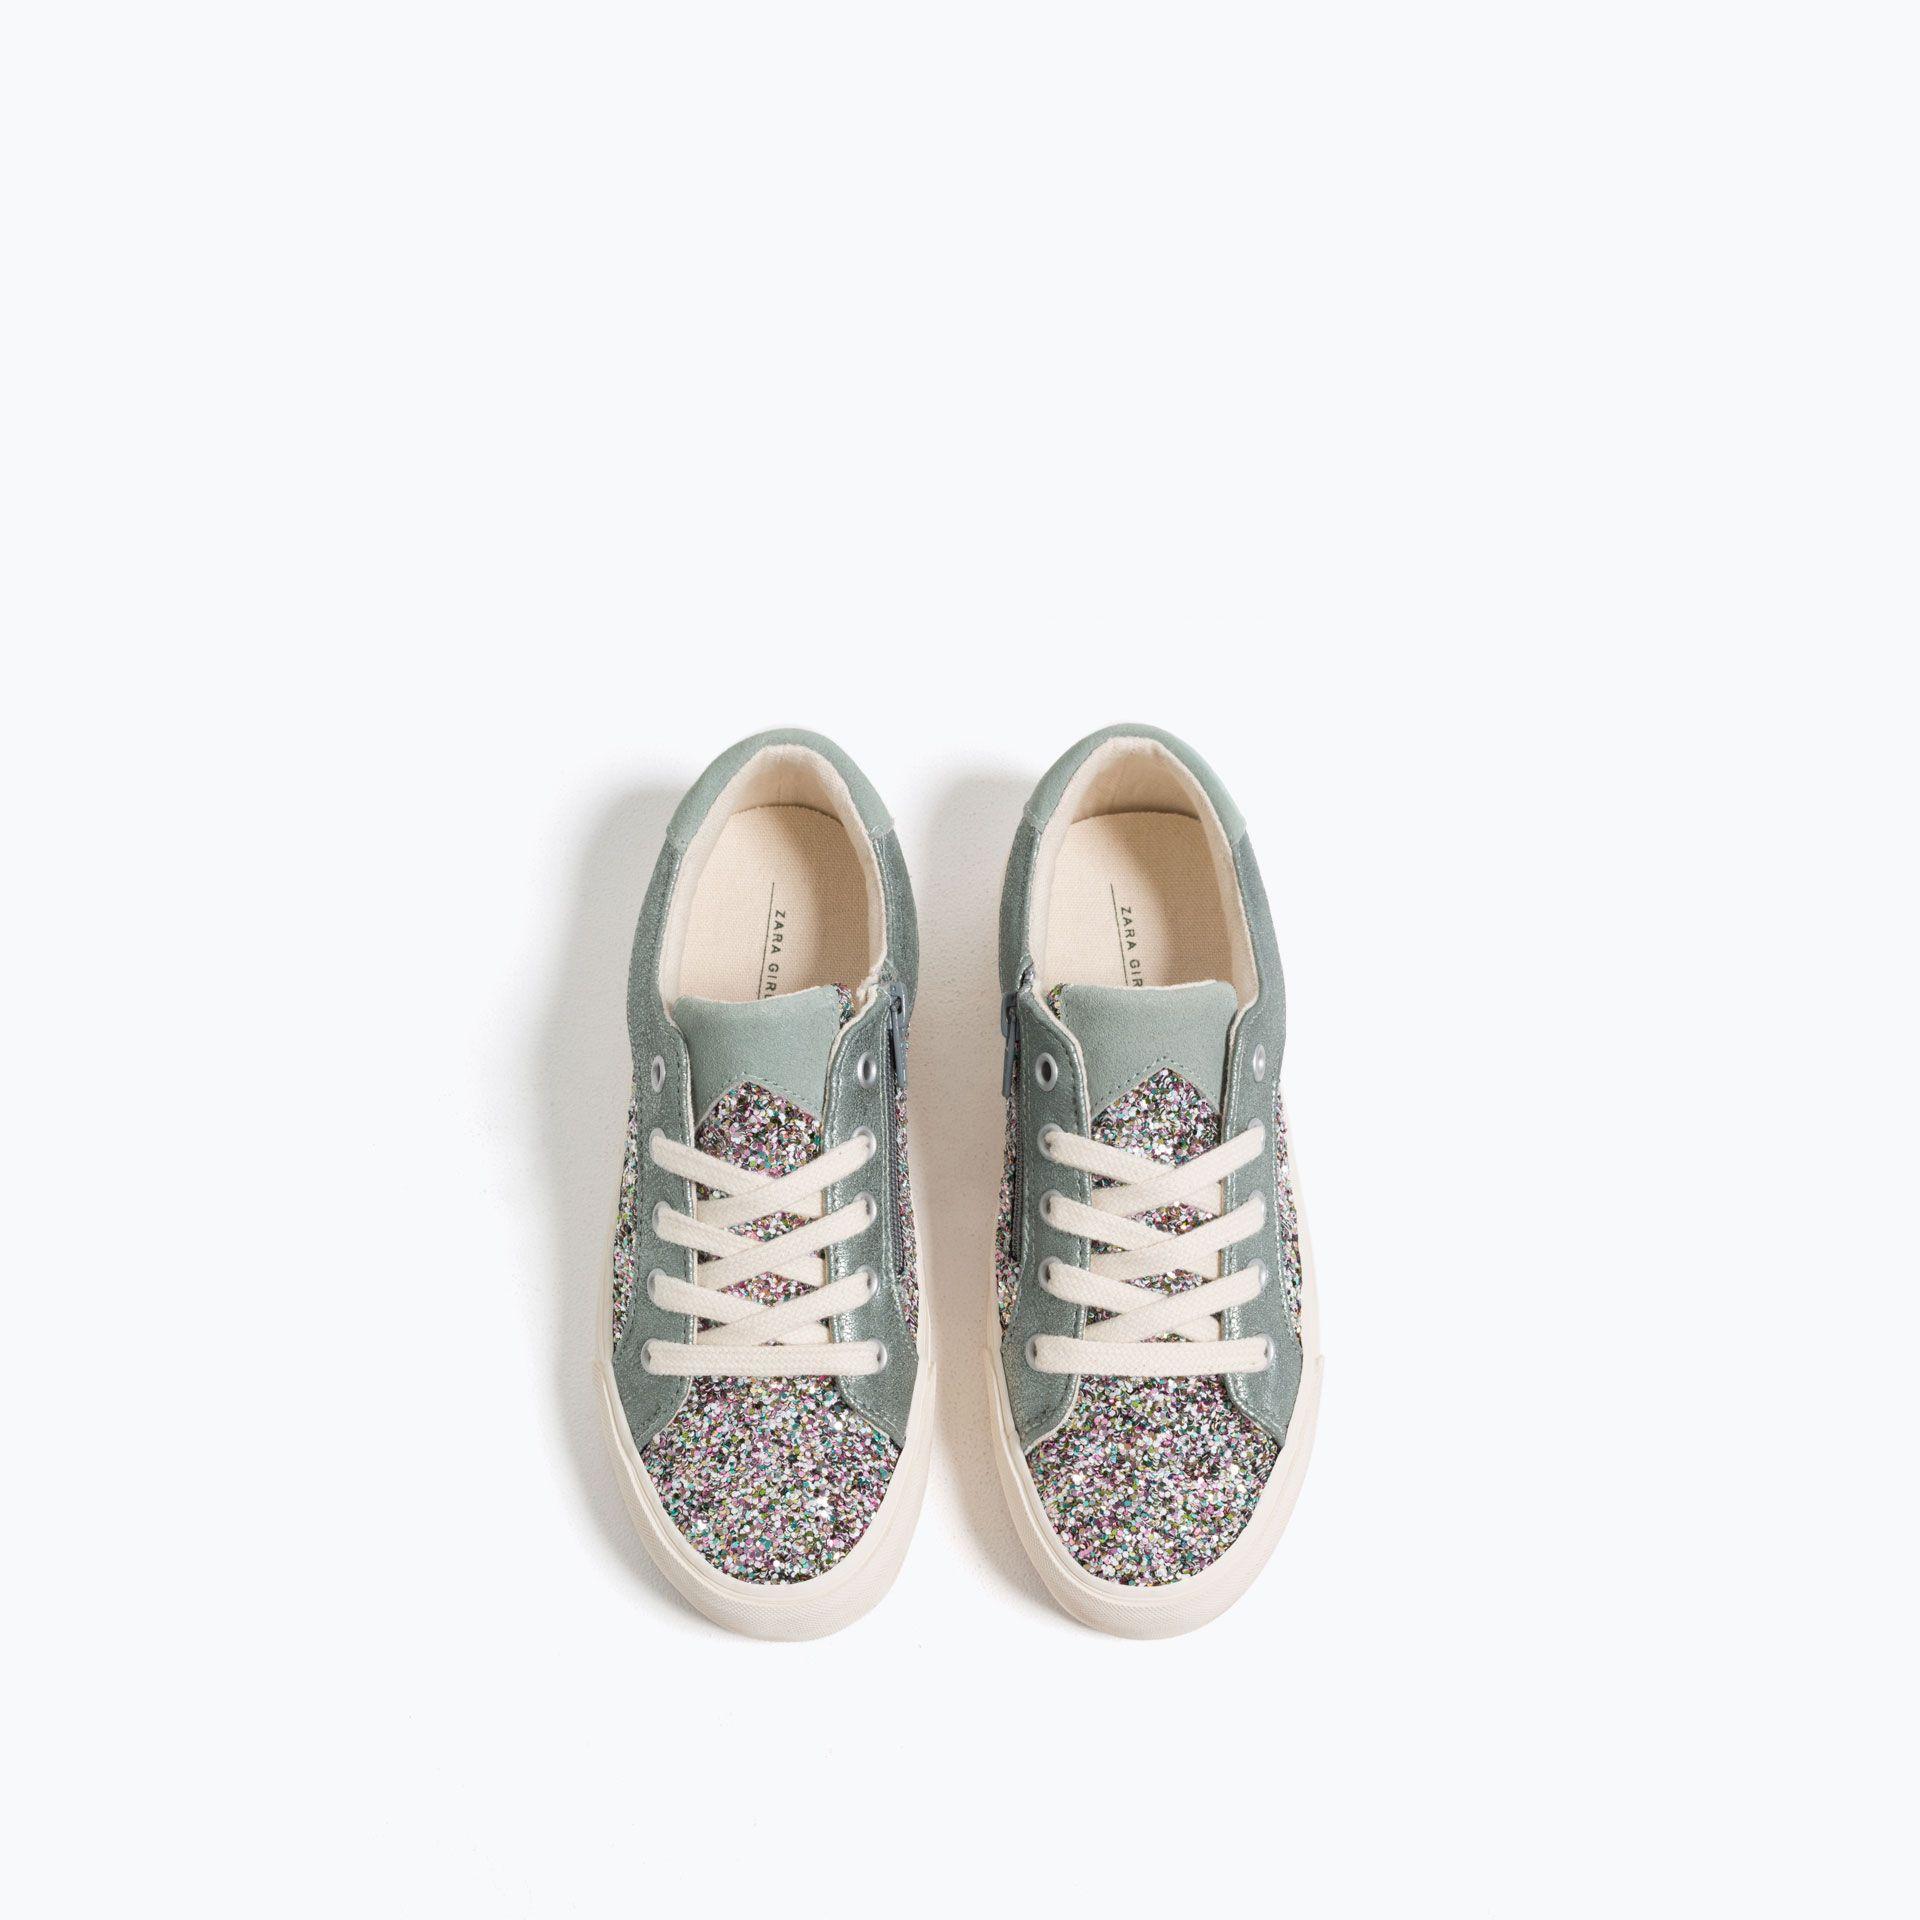 Blyszczace Tenisowki Buty Dziewczynka 4 14 Lat Dzieci Zara Shoes Sneakers